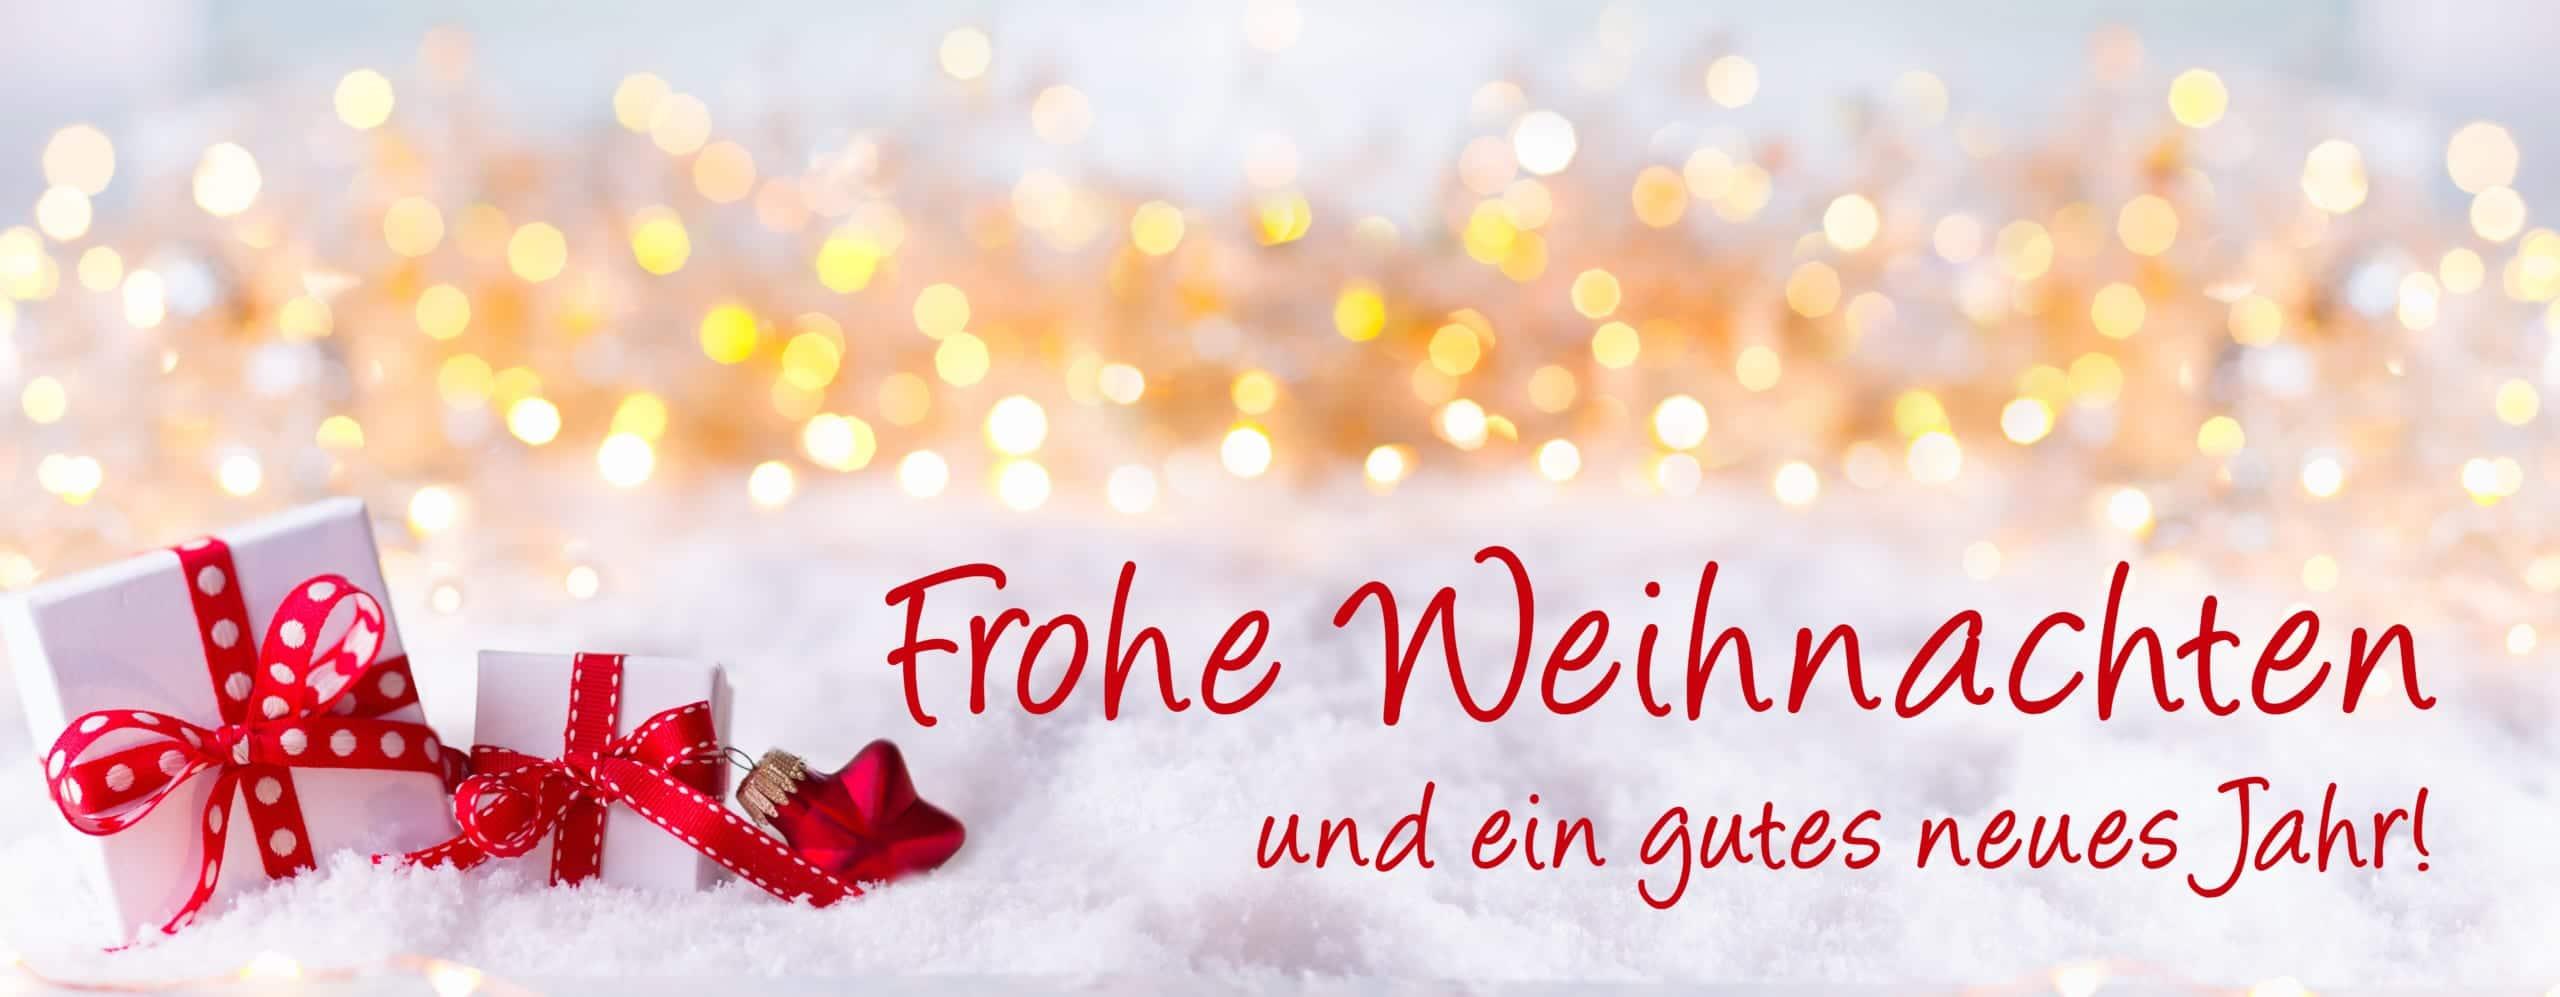 Frohe Weihnachten Und Schönes Neues Jahr.Frohe Weihnachten Und Ein Gutes Neues Jahr Grußkarte